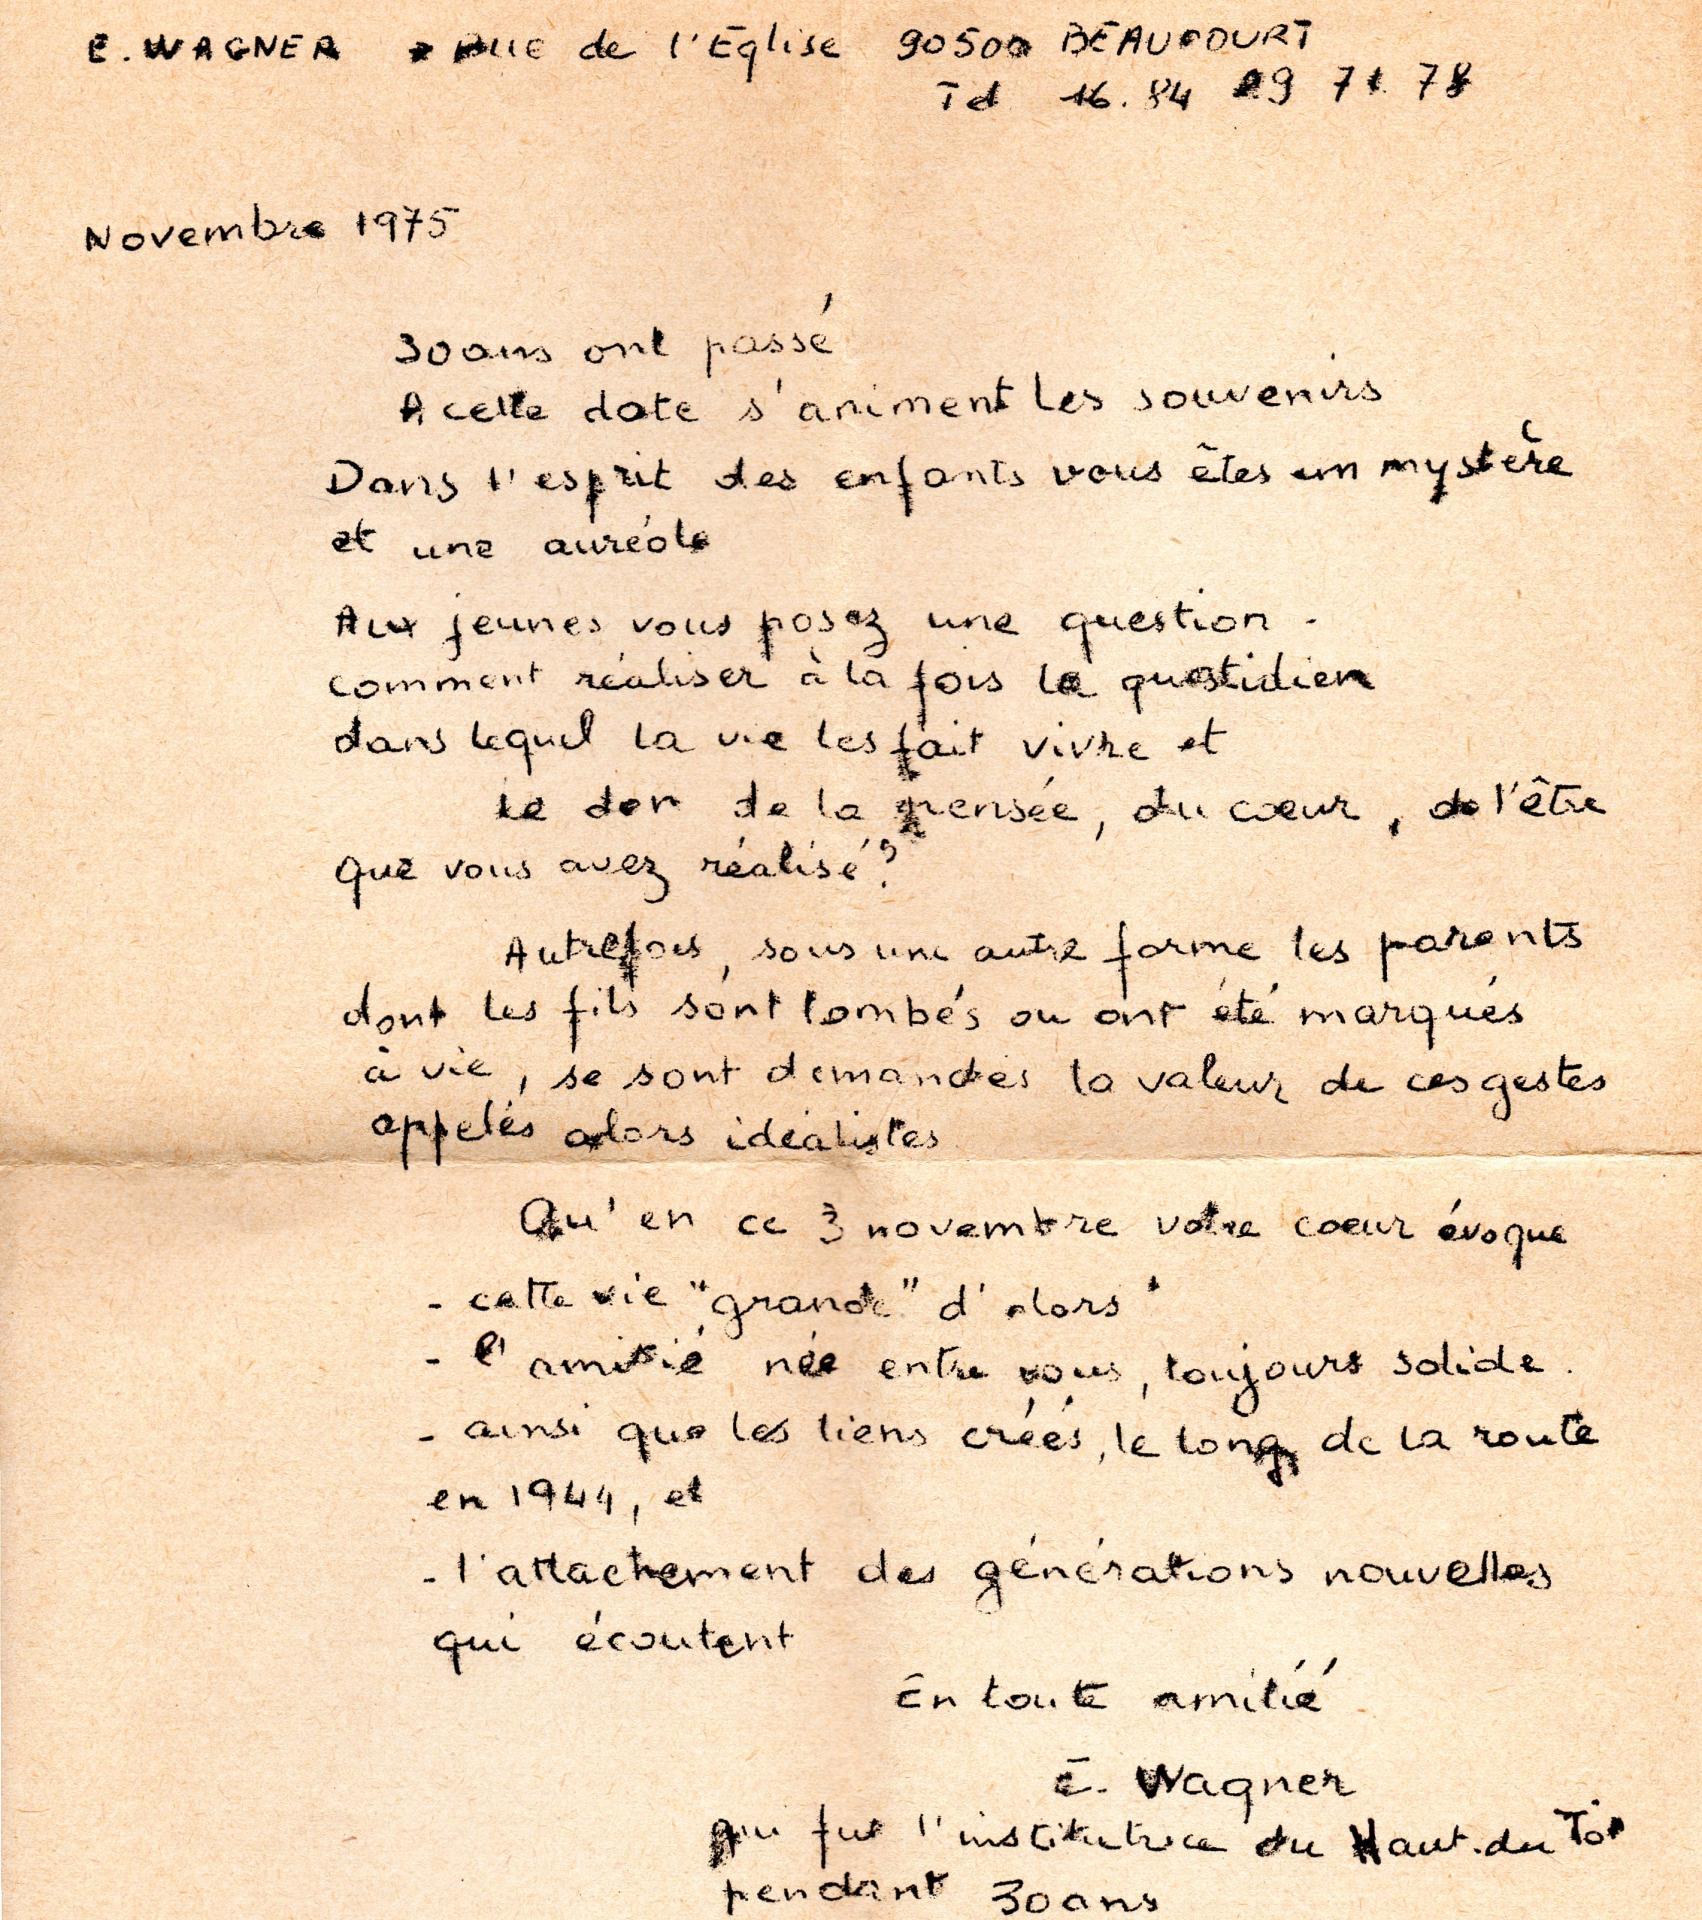 Lettres d eleves haut du tot 1975 001